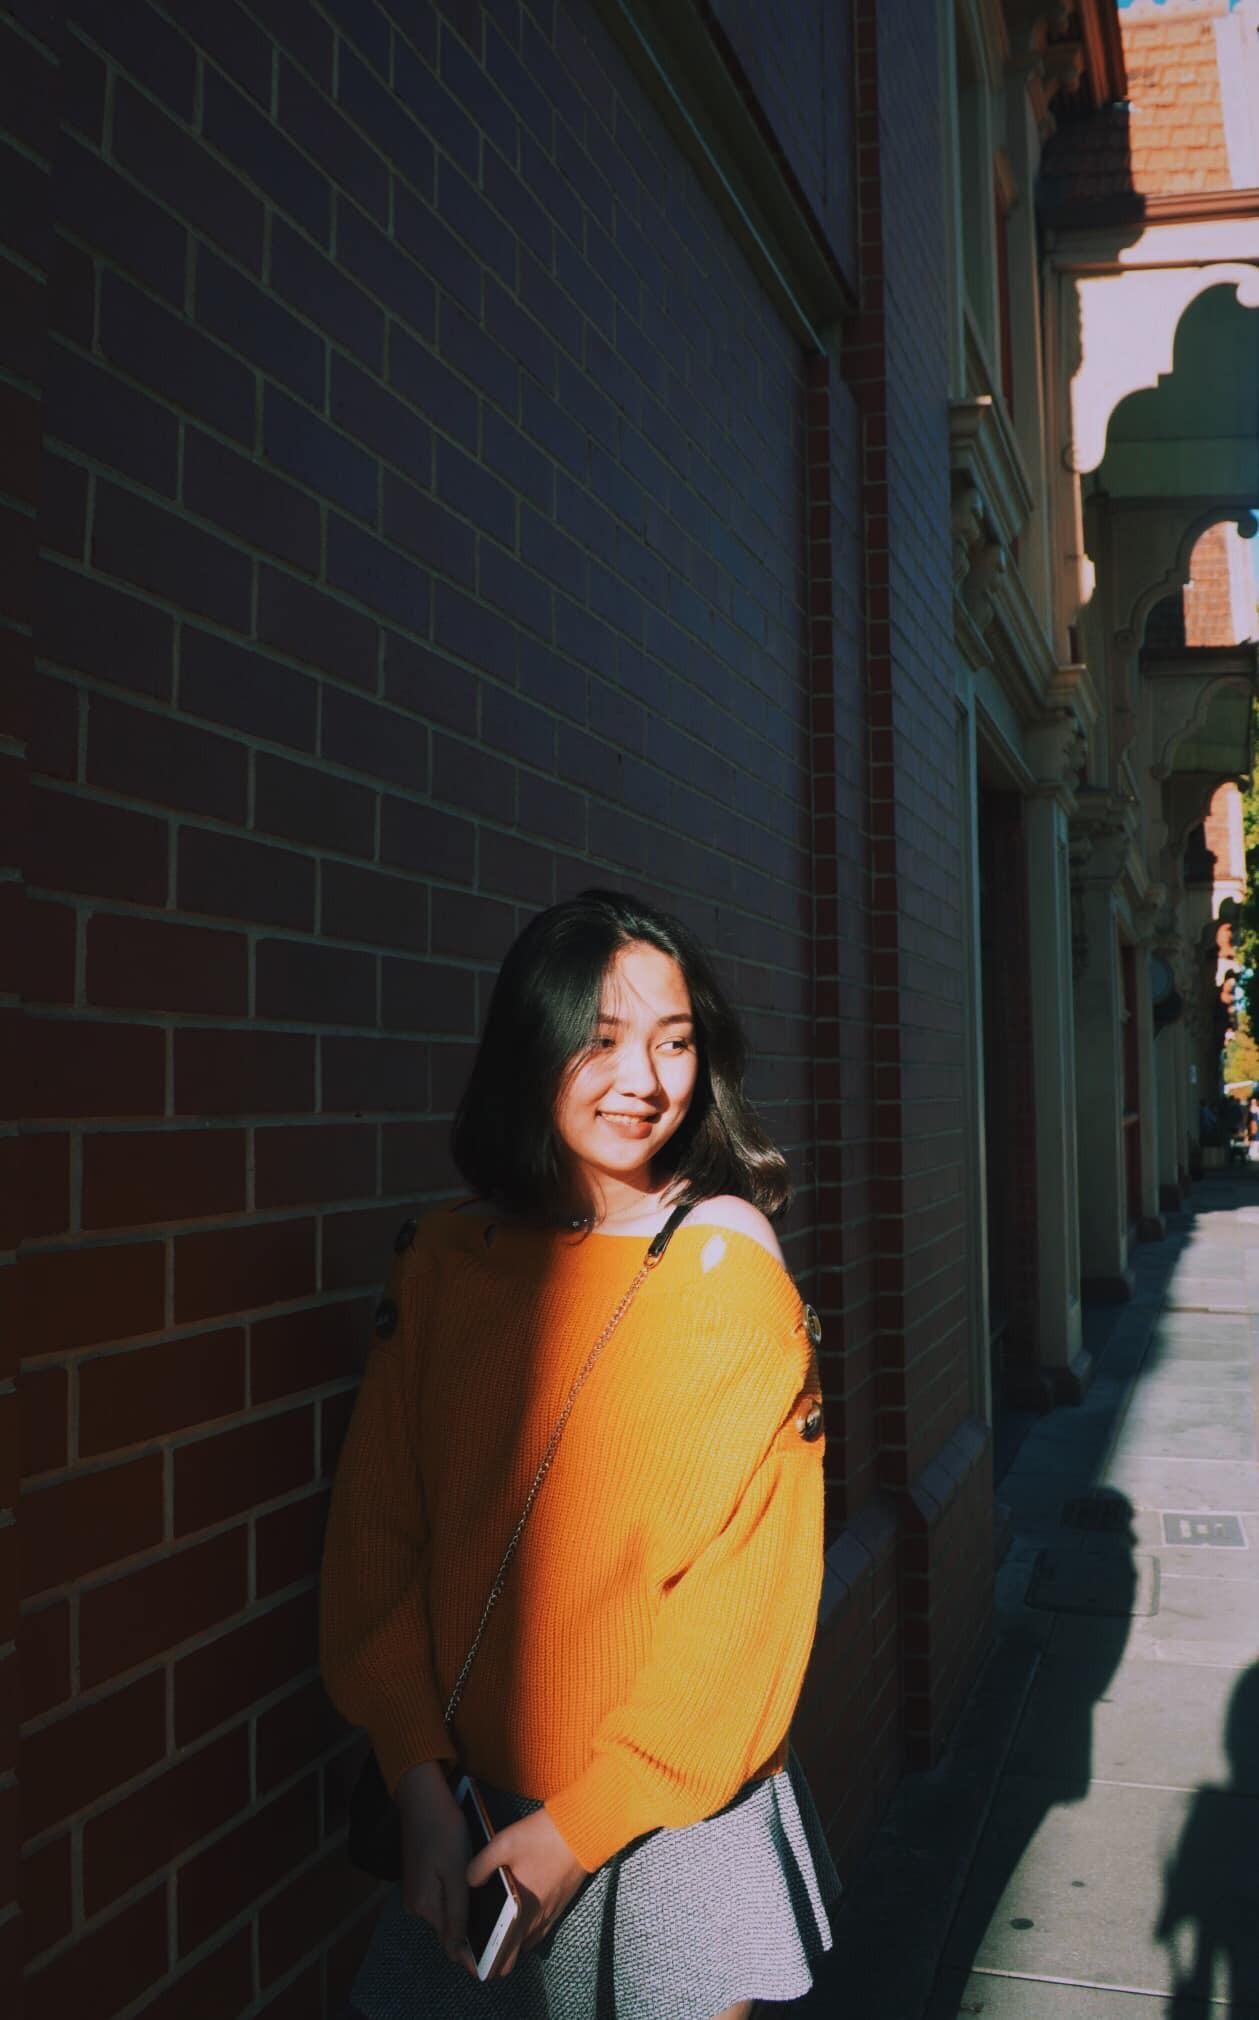 Em gái Bảo Anh lột xác bất ngờ sau 3 năm đi du học Úc, ngày càng xinh đẹp quyến rũ không thua kém chị - Ảnh 17.